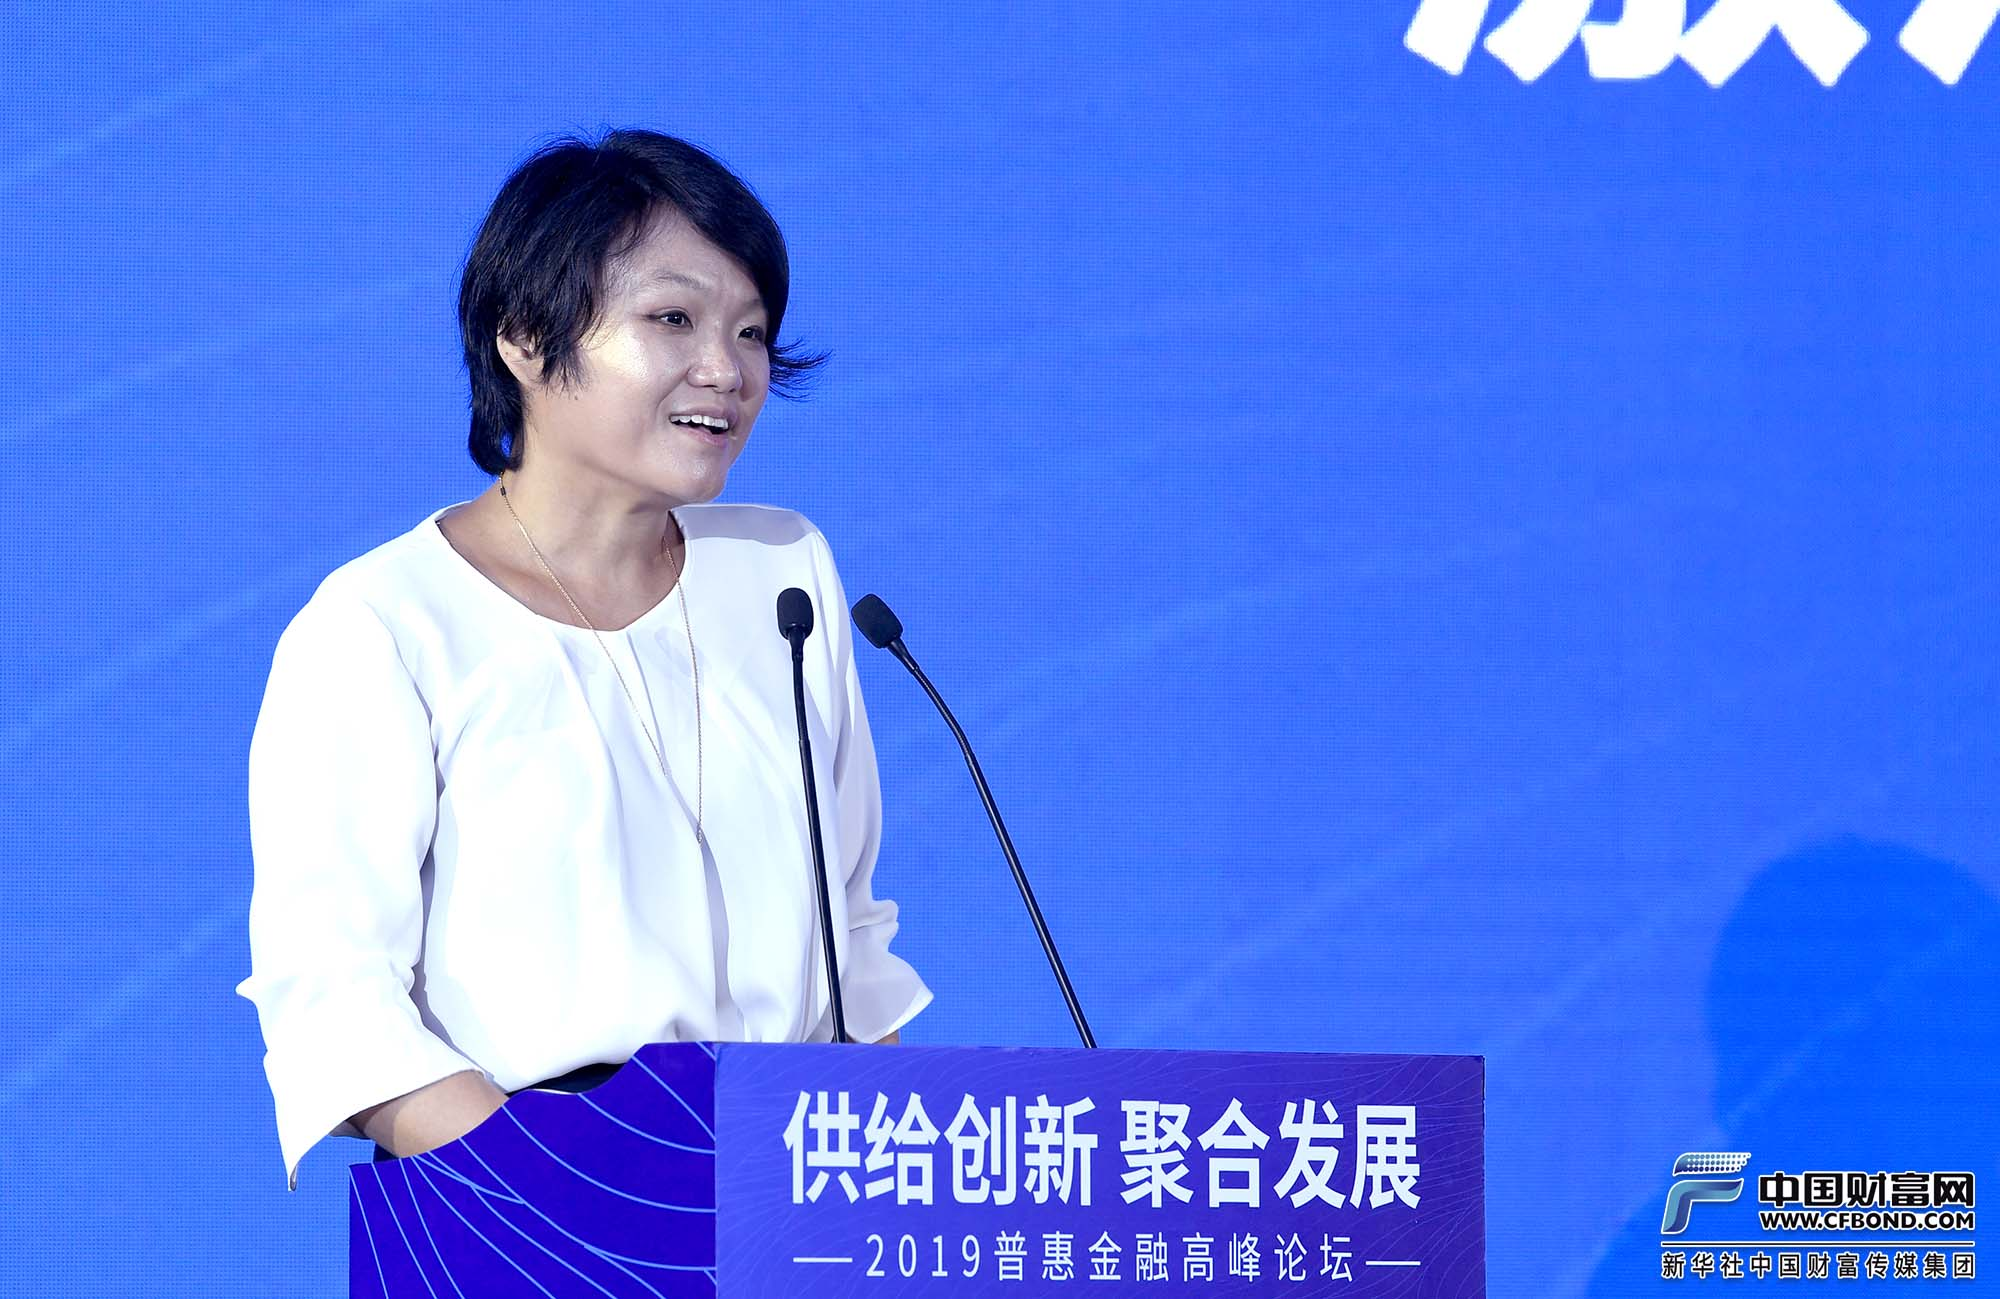 平安集团联席首席执行官陈心颖致辞